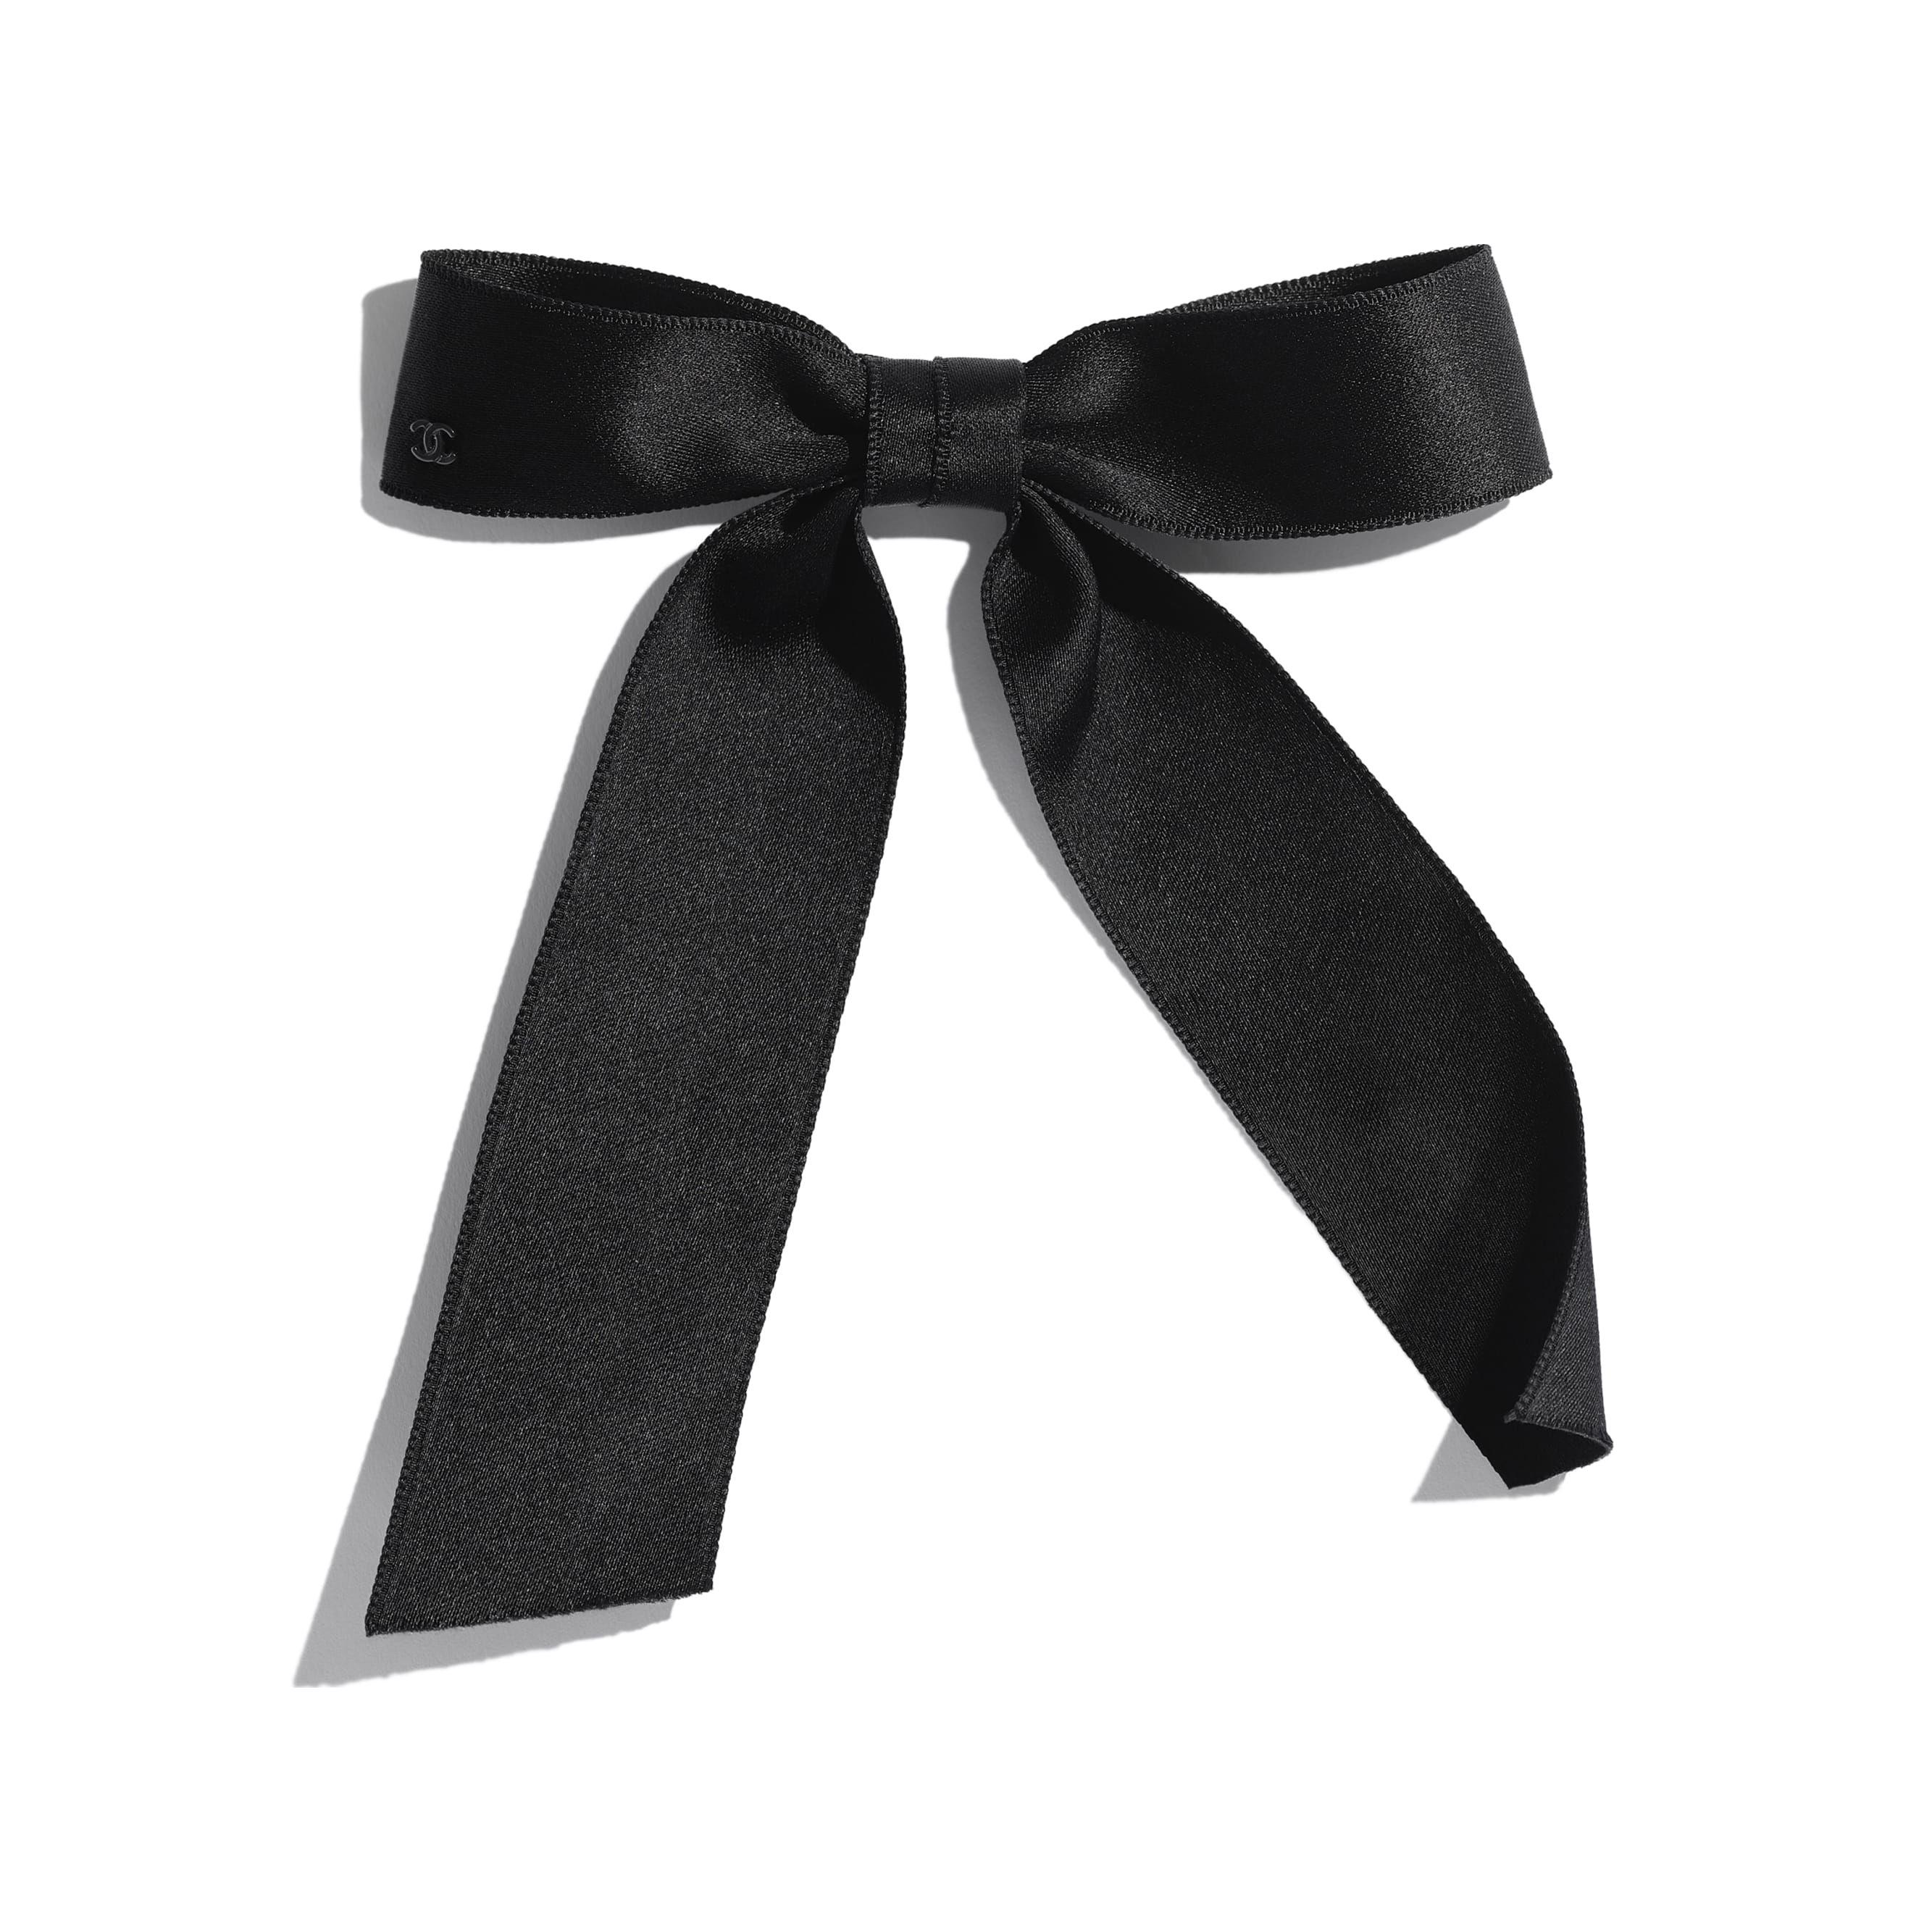 Silk Black Hair Accessory Chanel Black Hair Bows Black Hair Accessories Beautiful Hair Accessories